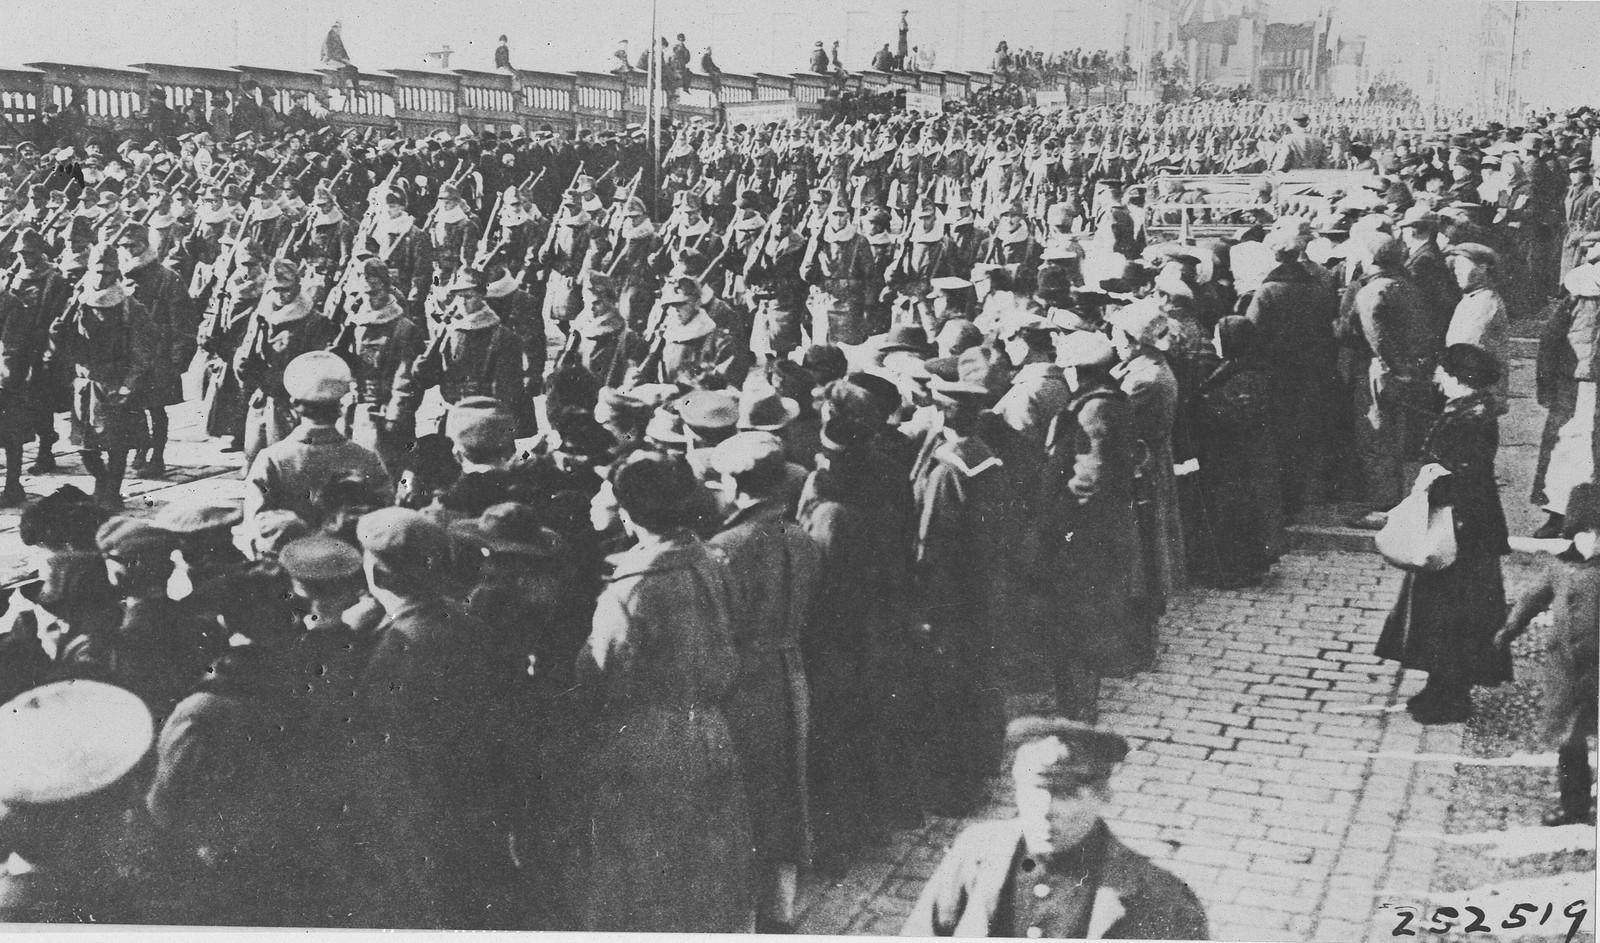 16. 1918. Первое фото американских войск, празднующих подписание перемирия во Владивостоке.